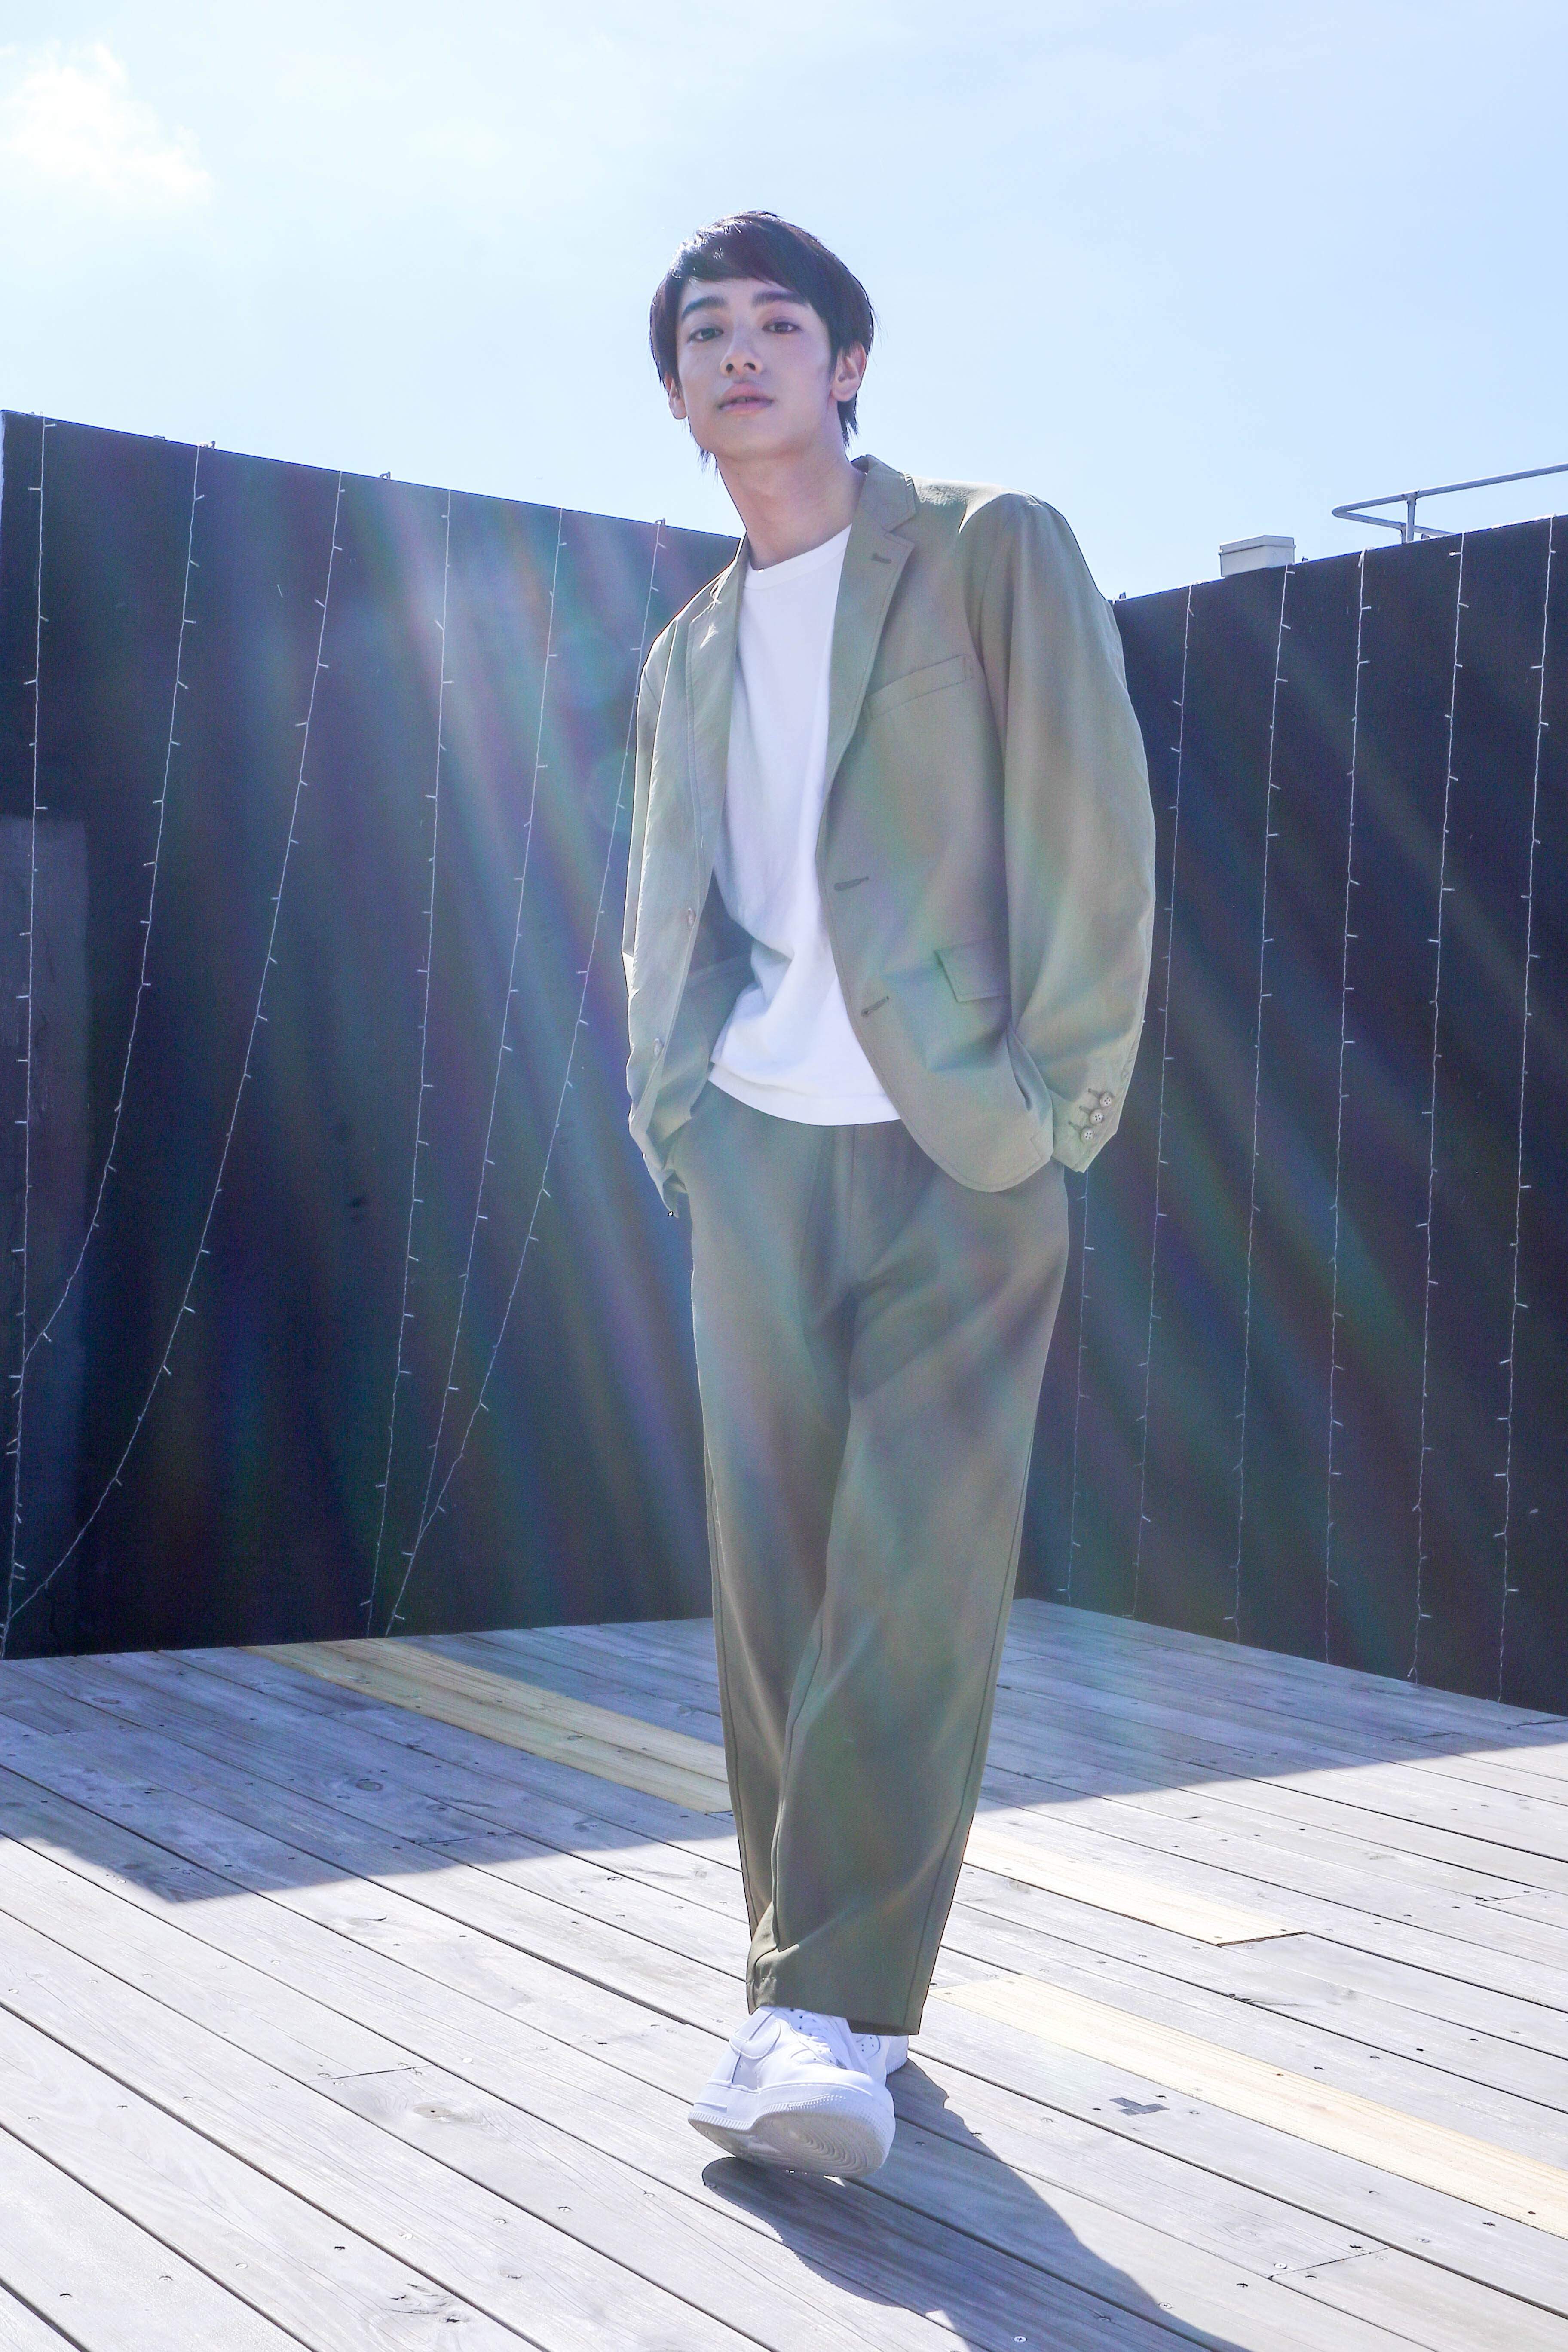 年紀輕輕的劉修甫拍起照來很有氣勢。(圖/非凡娛樂)